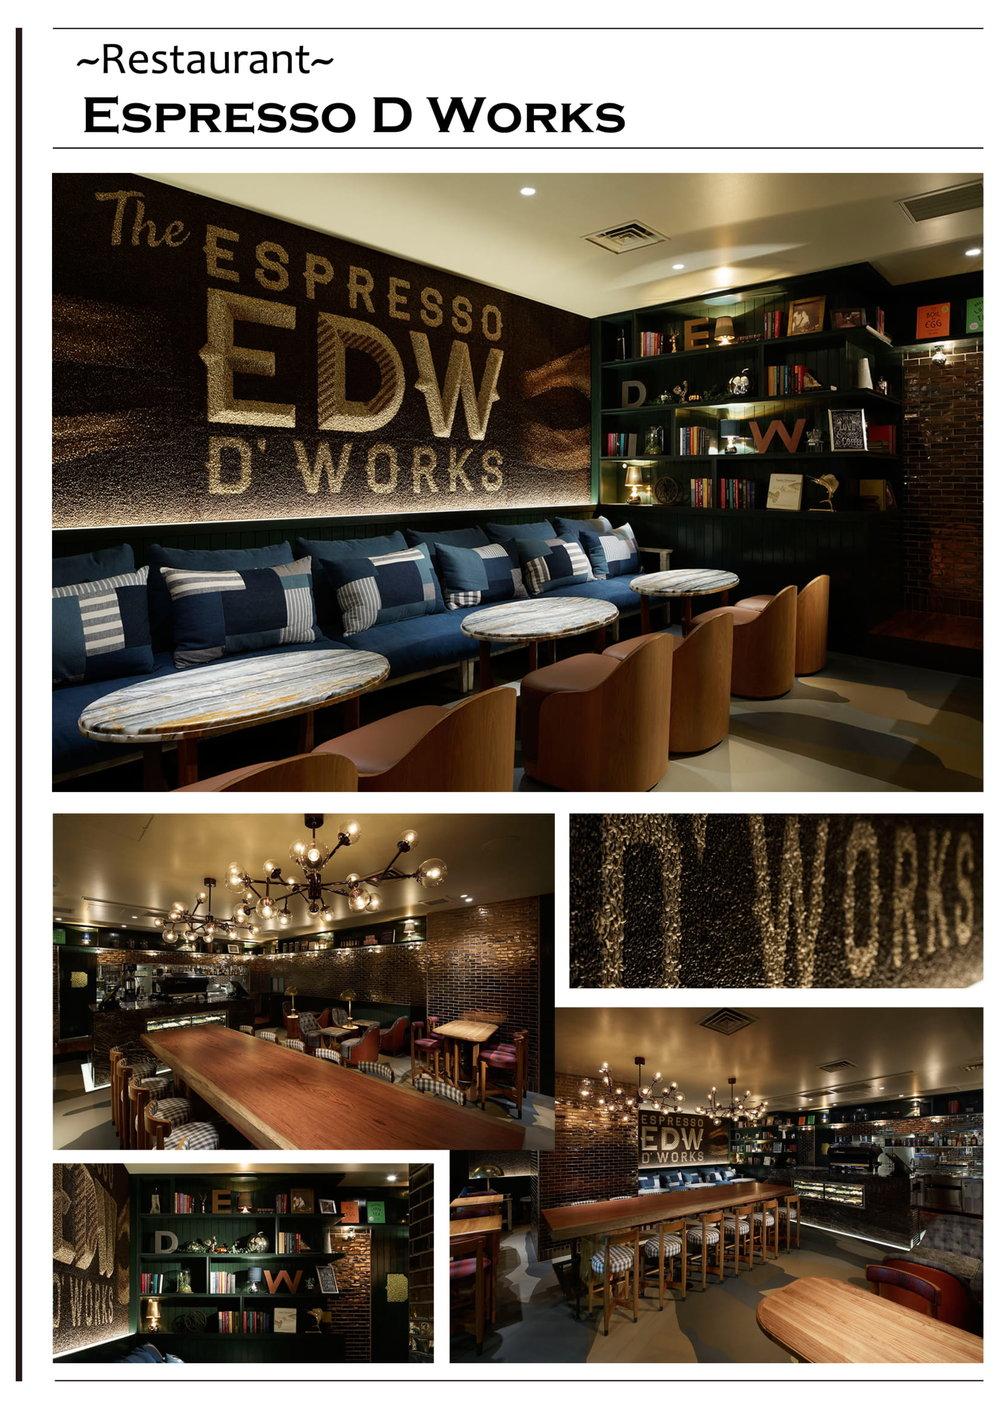 恵比寿 カフェ espresso d works エスプレッソディーワークス パンケーキ cafe vintagehouse ヴィンテージハウス